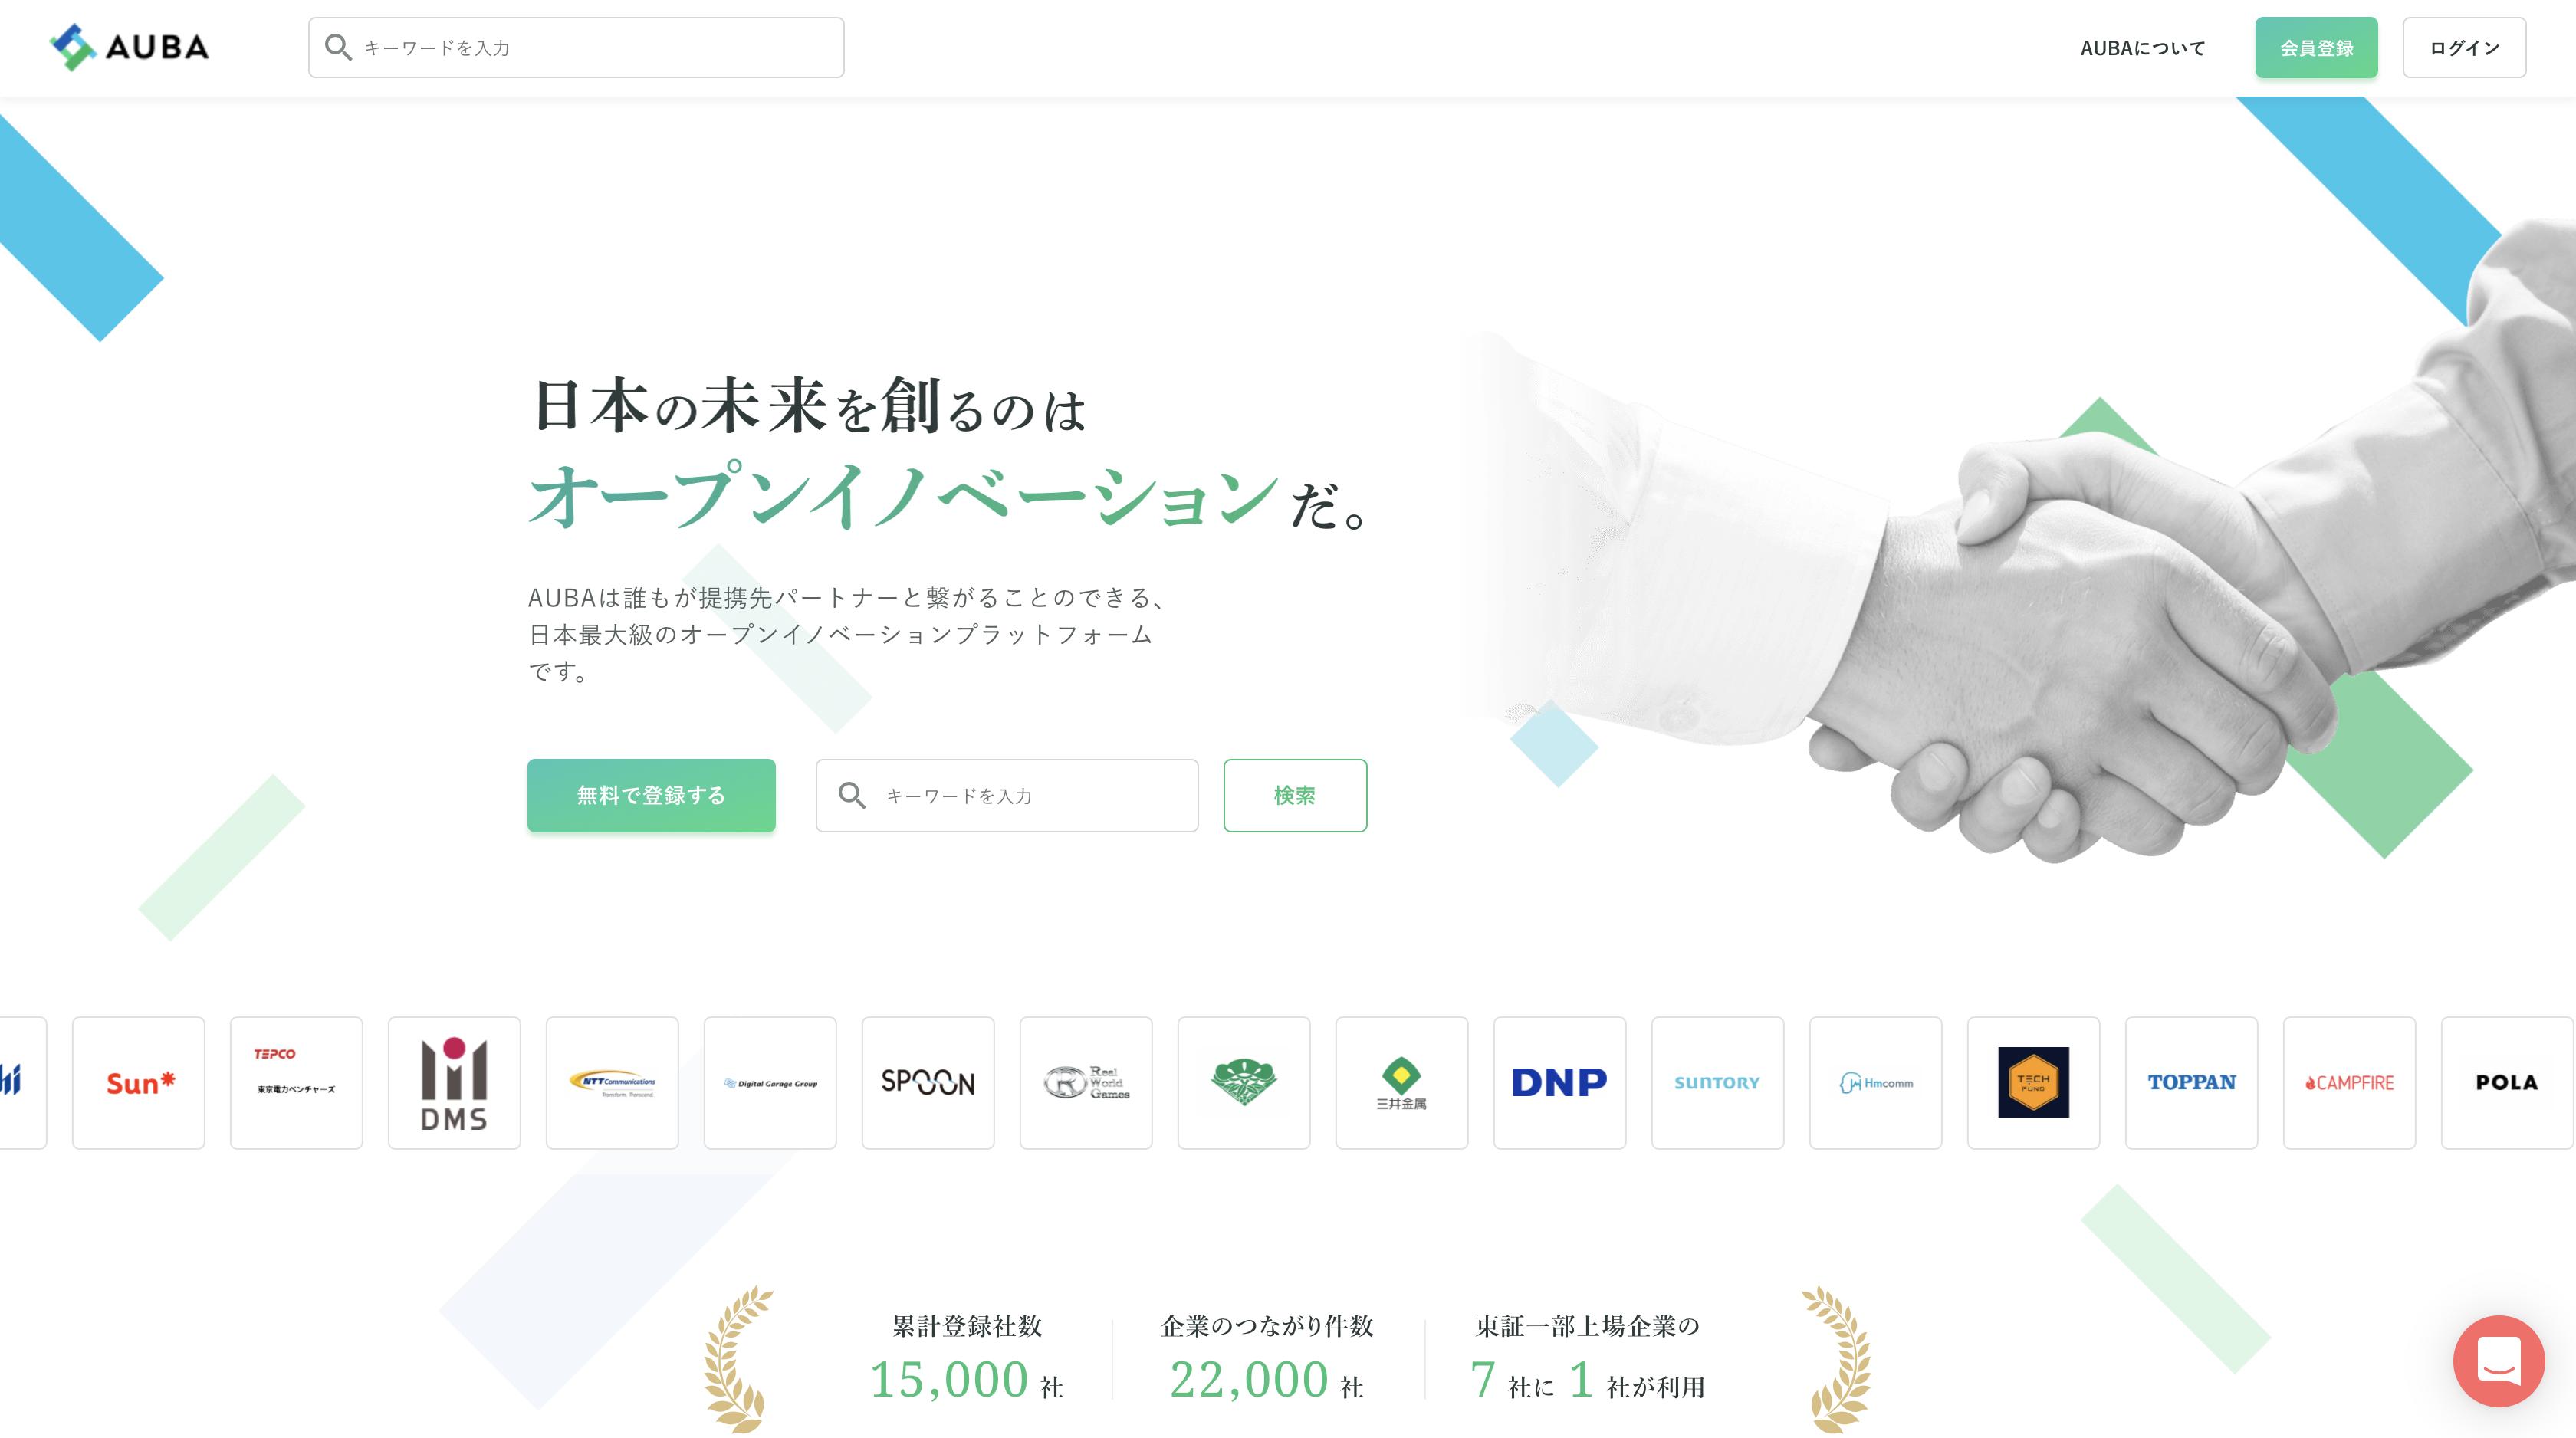 提携パートナーを見つけられるオープンイノベーションプラットフォーム【AUBA】